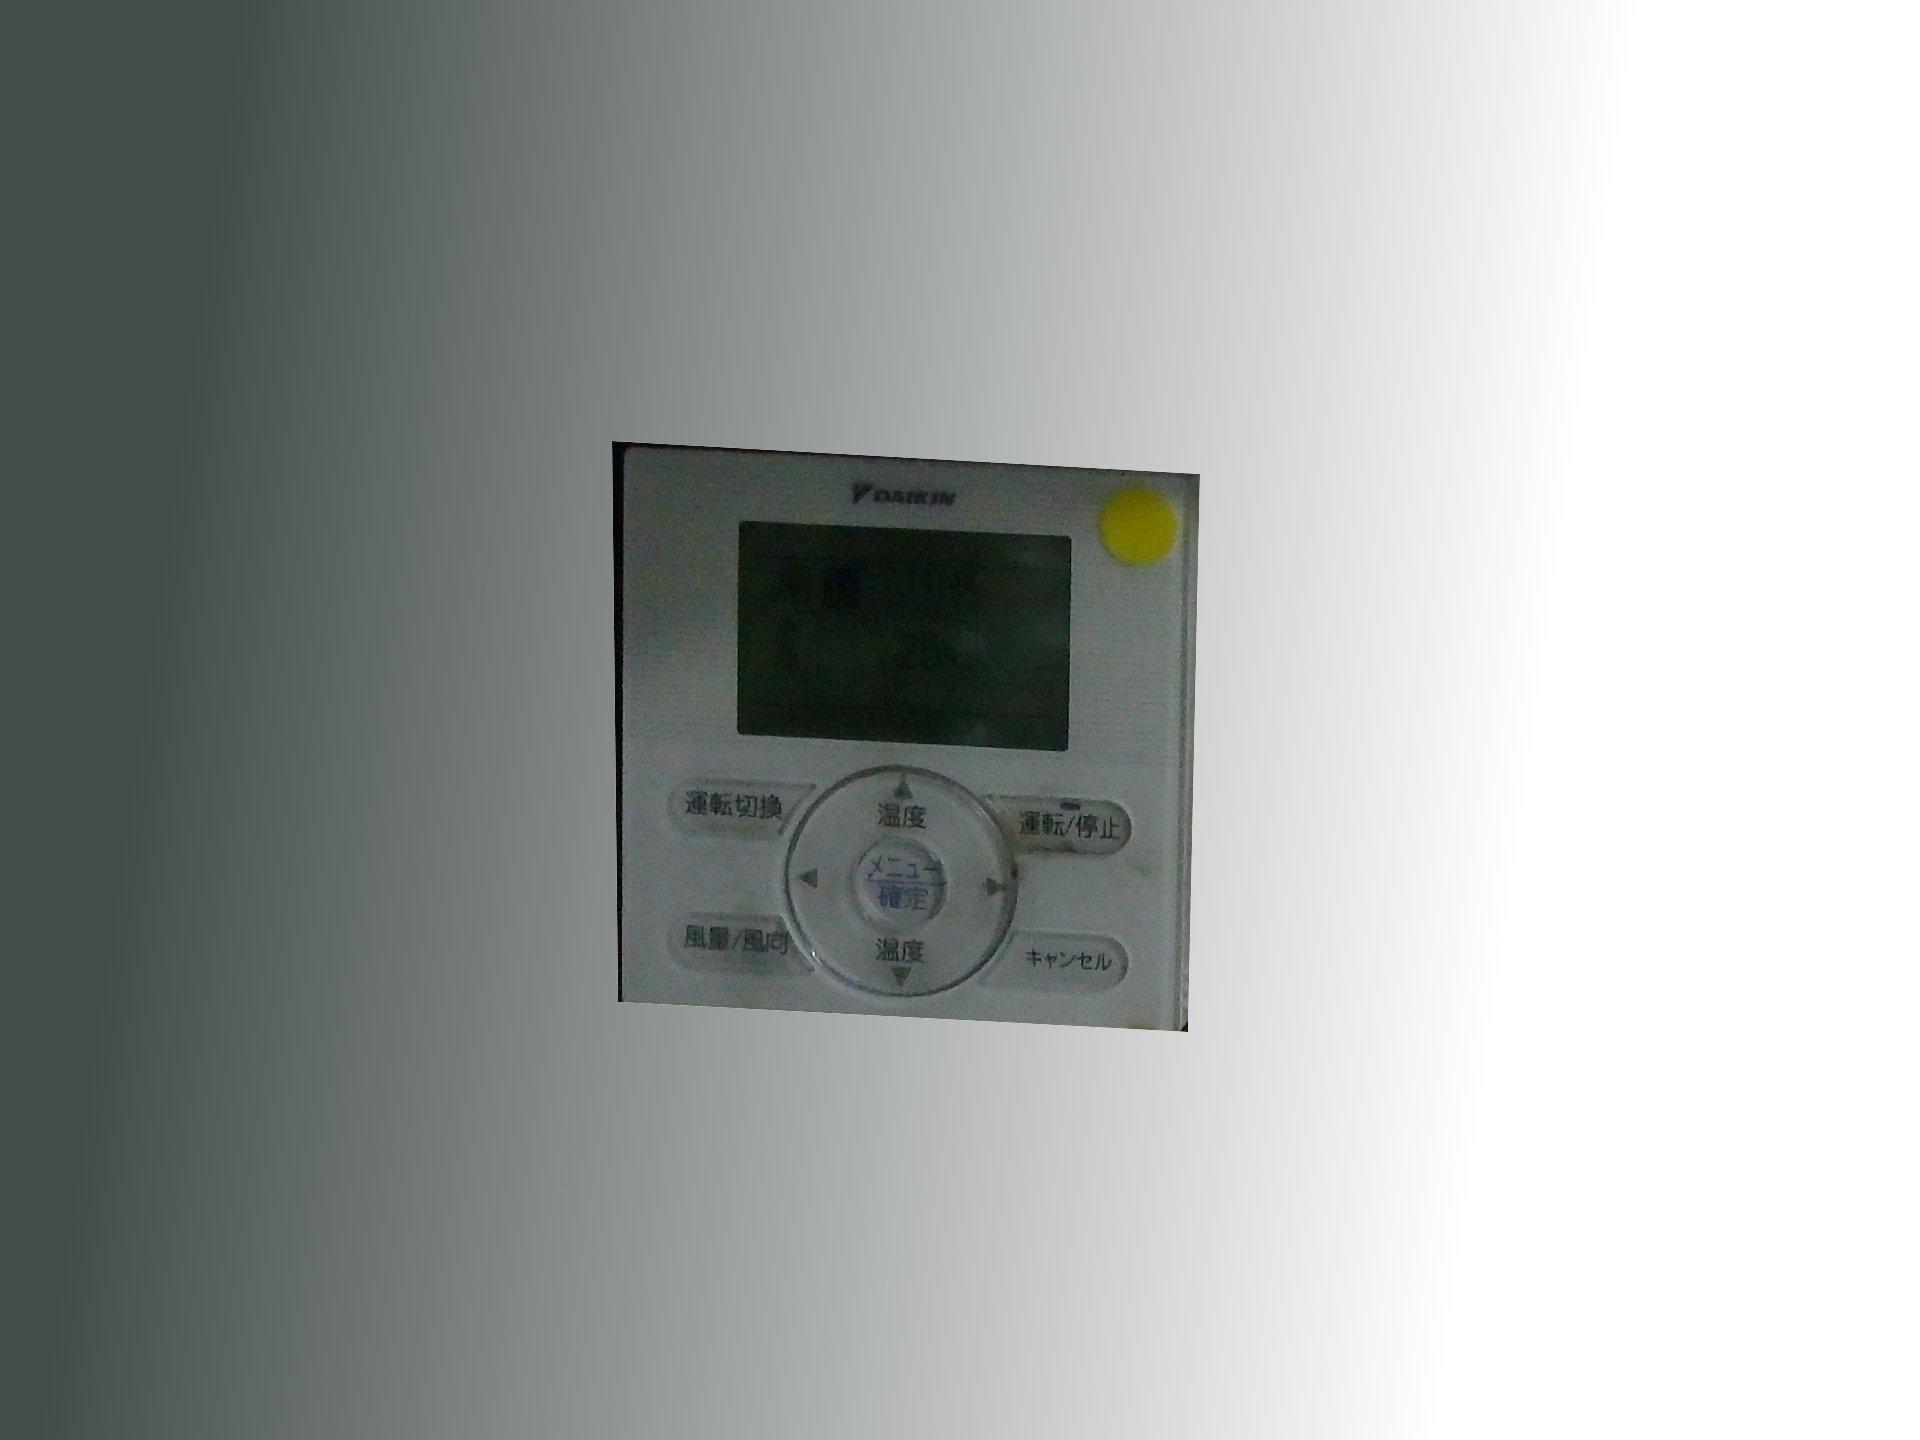 デマンドオーバー時に消す順番のシールを貼ったエアコン操作盤。